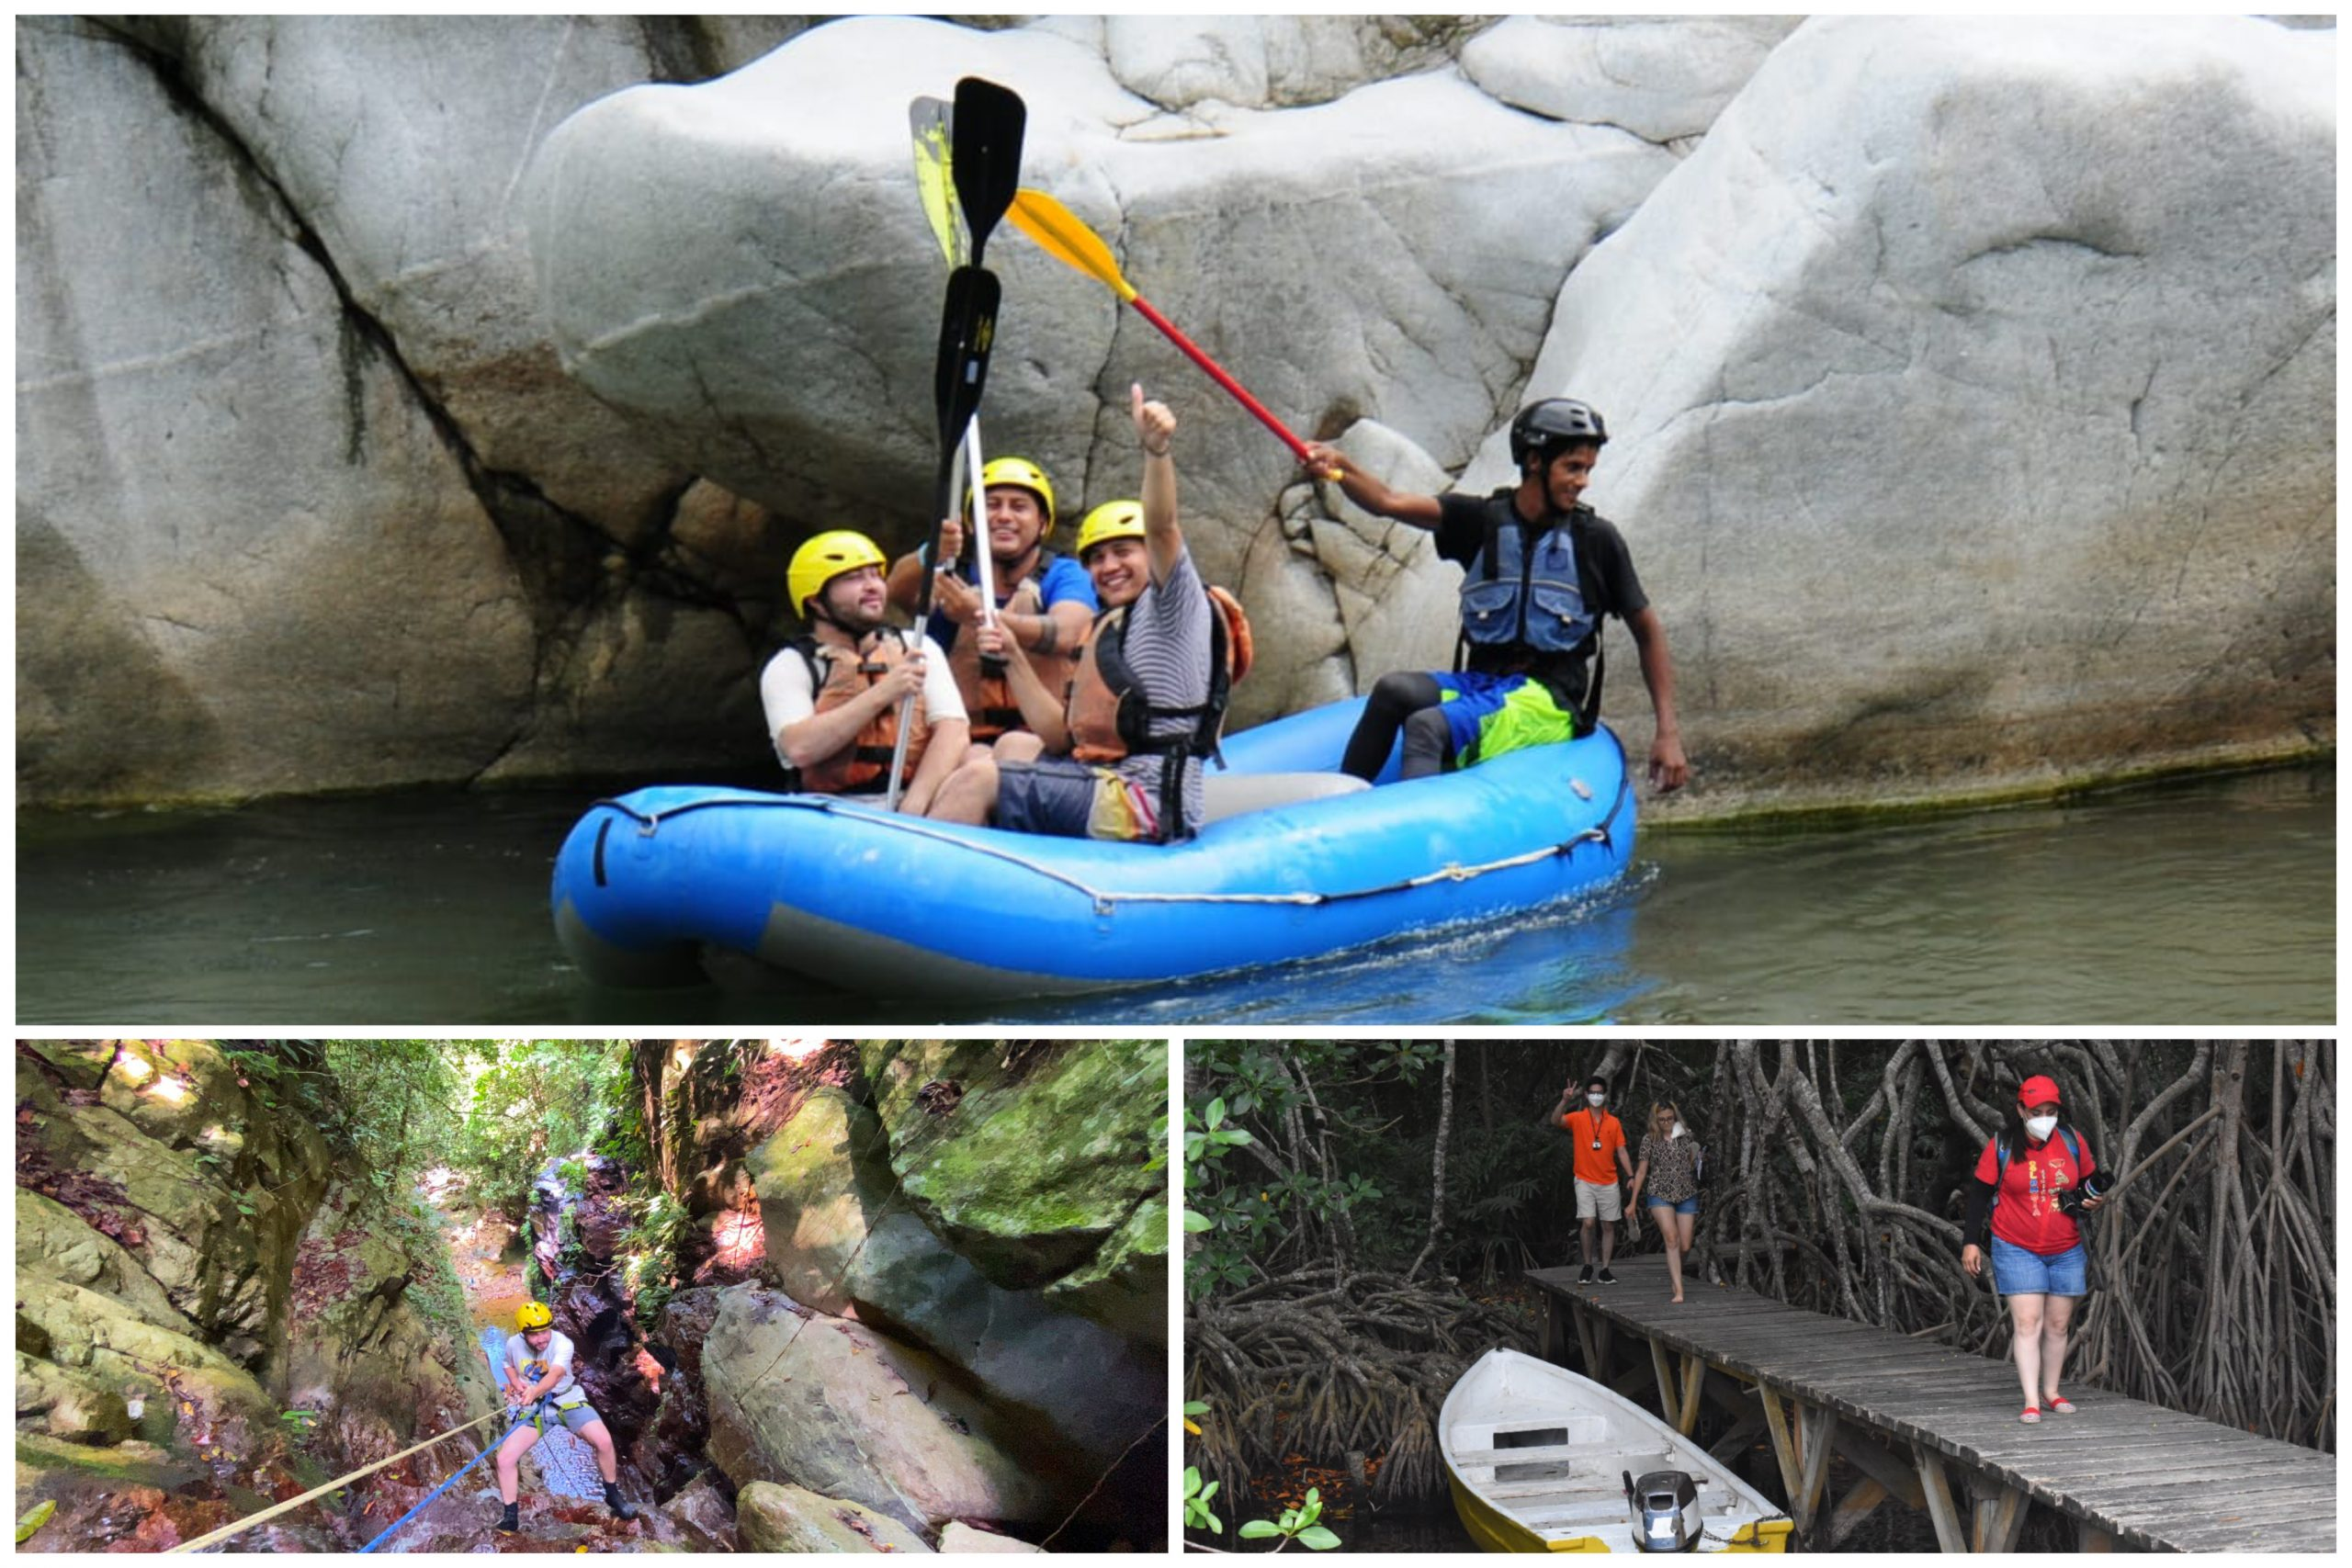 La otra cara de la aventura y diversión en La Ceiba, Atlántida